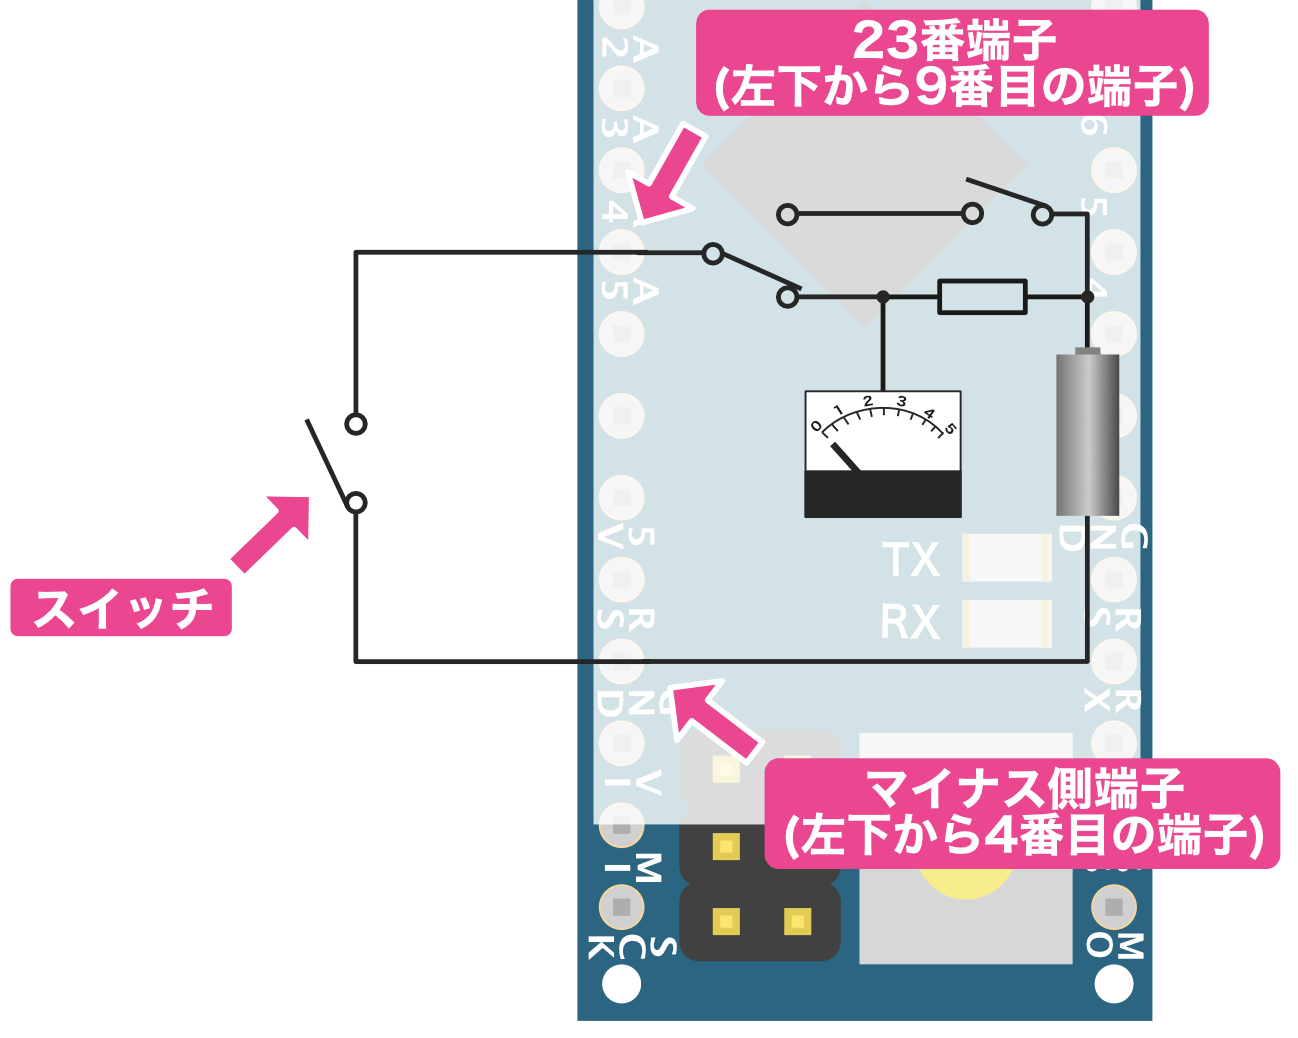 接続図での接続の確認